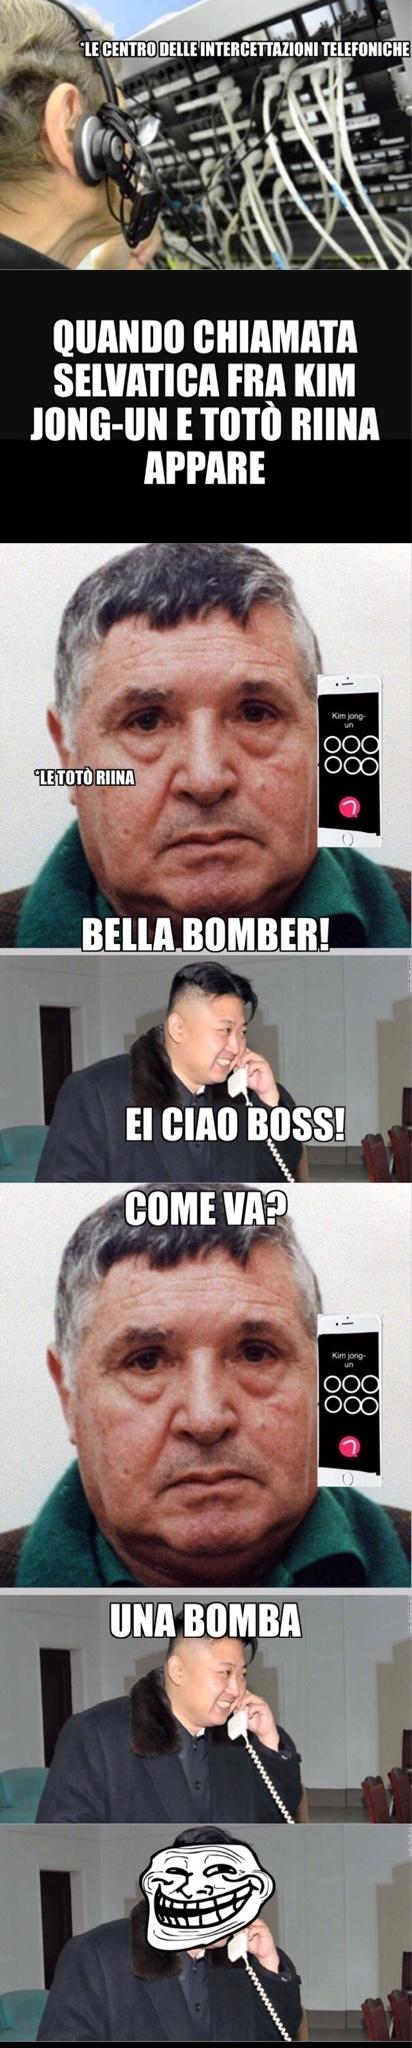 per chi non la capisse Totò Riina è stato un boss mafioso e Kim Jong-un è un dittatore koreano che continua a fare test per le bombe h - meme